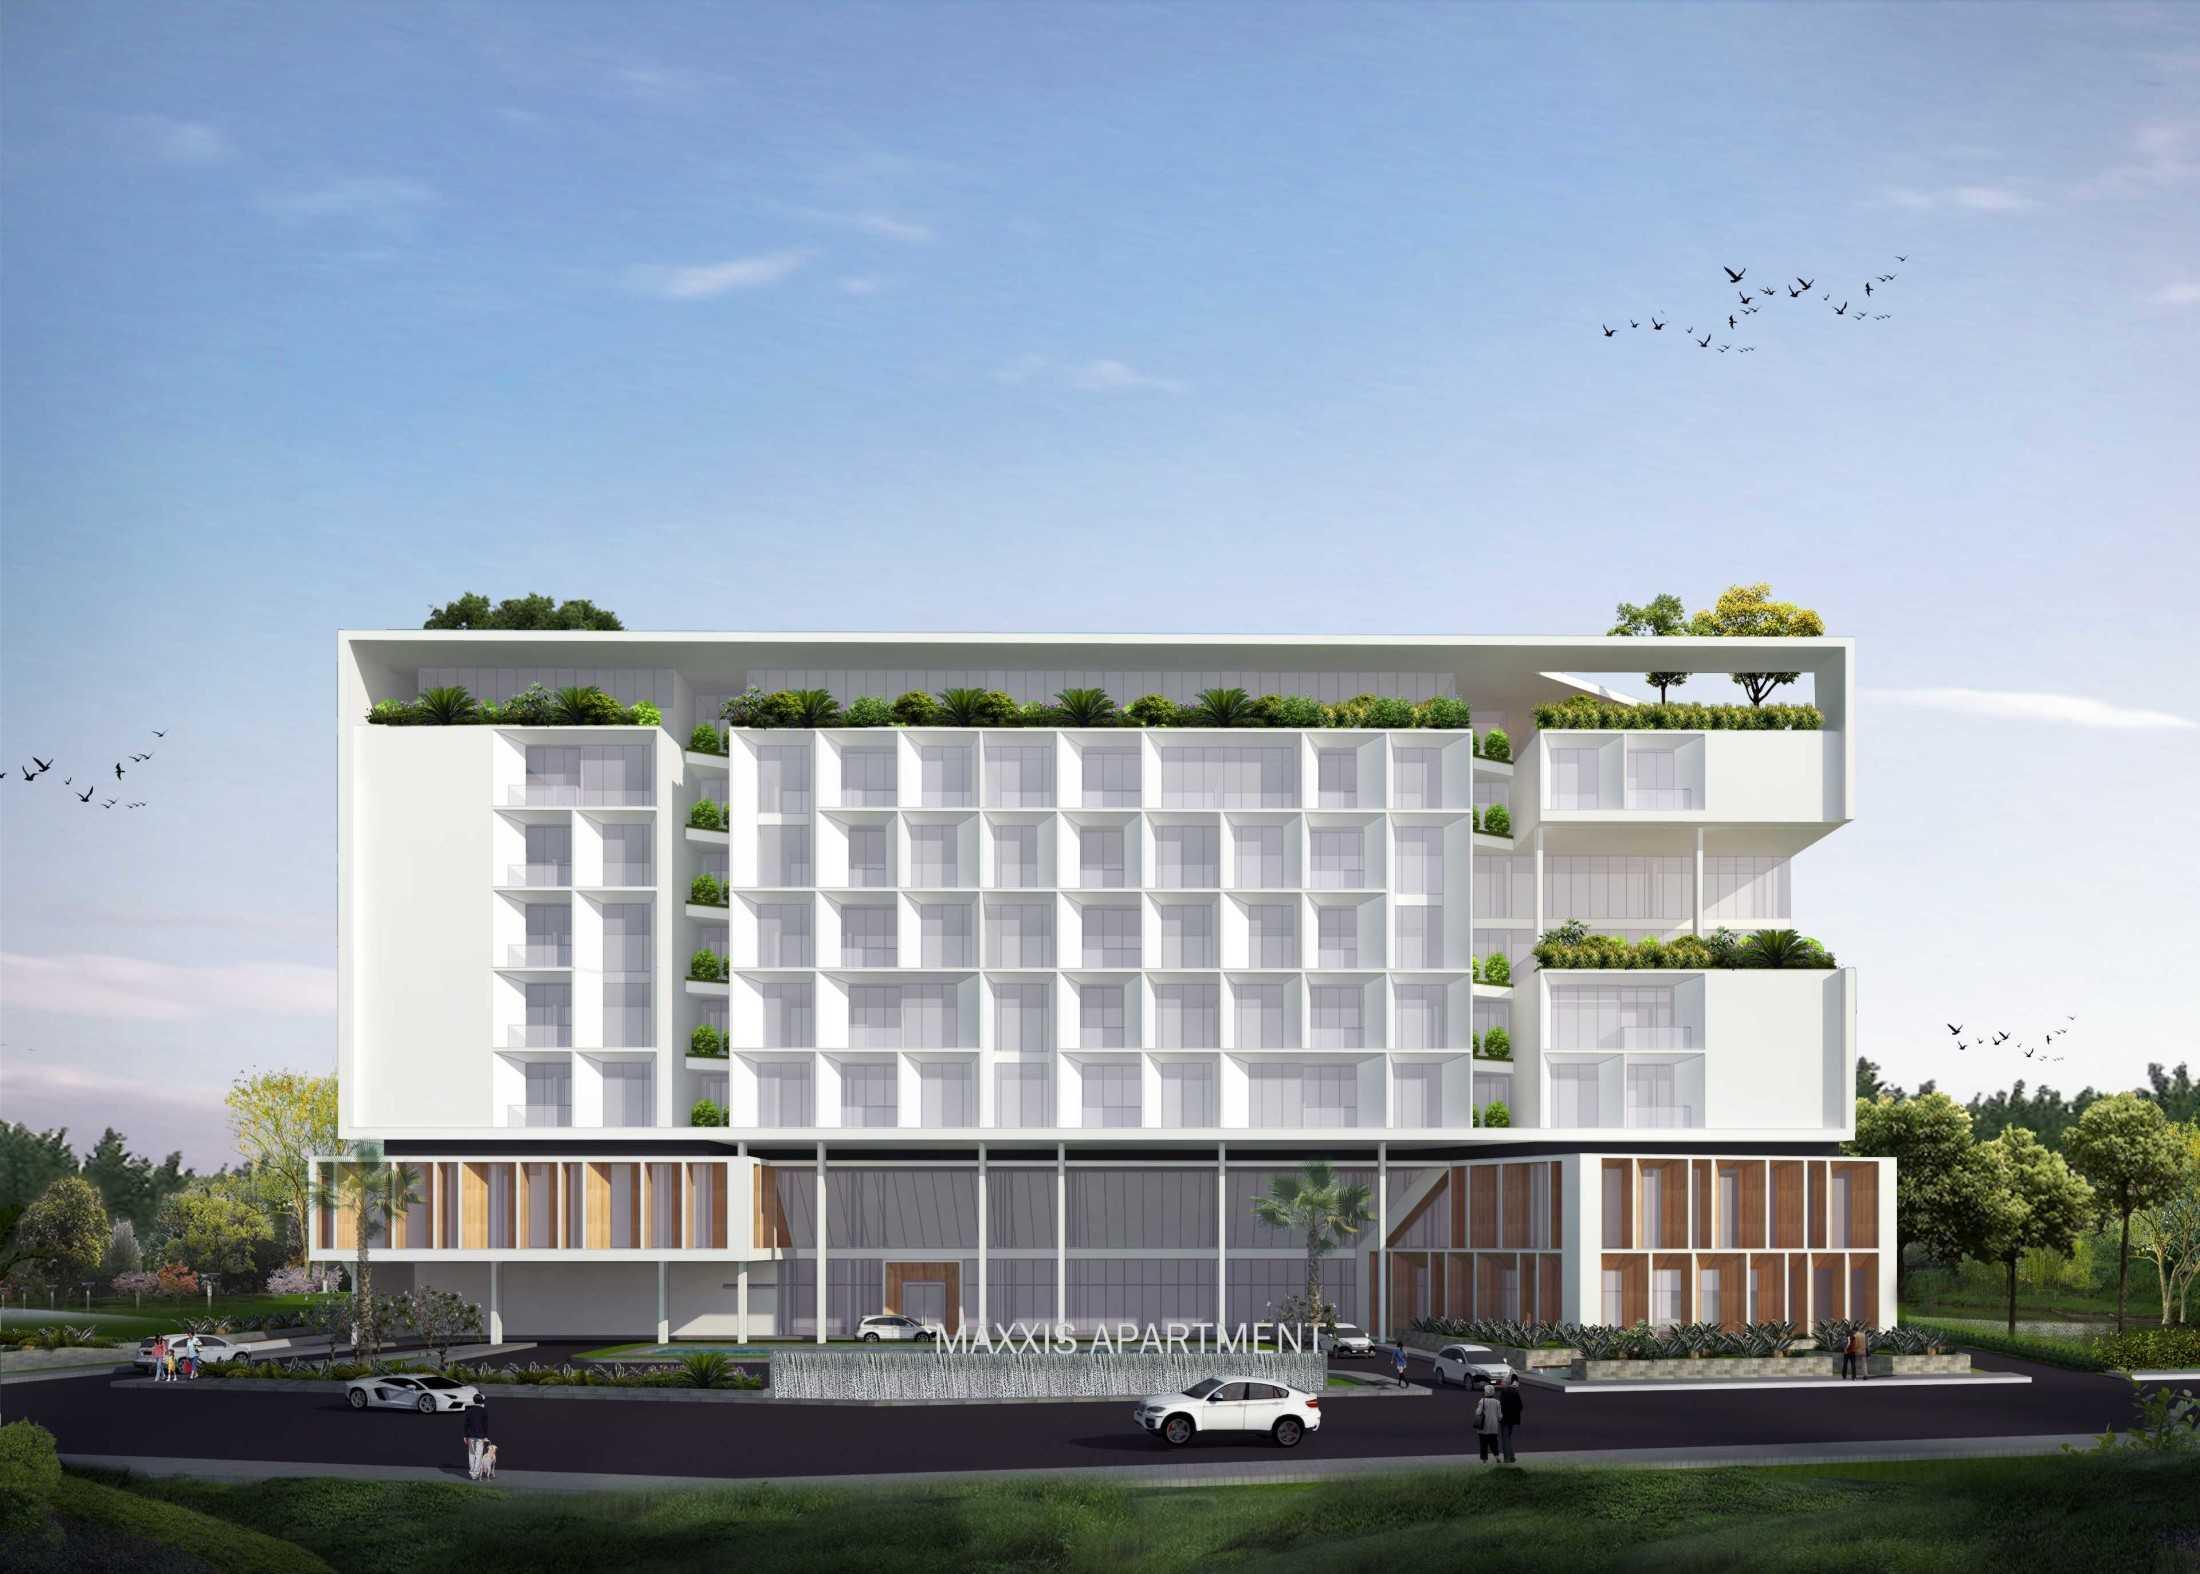 Alima Studio Apartment Maxxis Cikarang, Bekasi, Jawa Barat, Indonesia Cikarang, Bekasi, Jawa Barat, Indonesia Alima-Studio-Apartment-Maxxis  57239